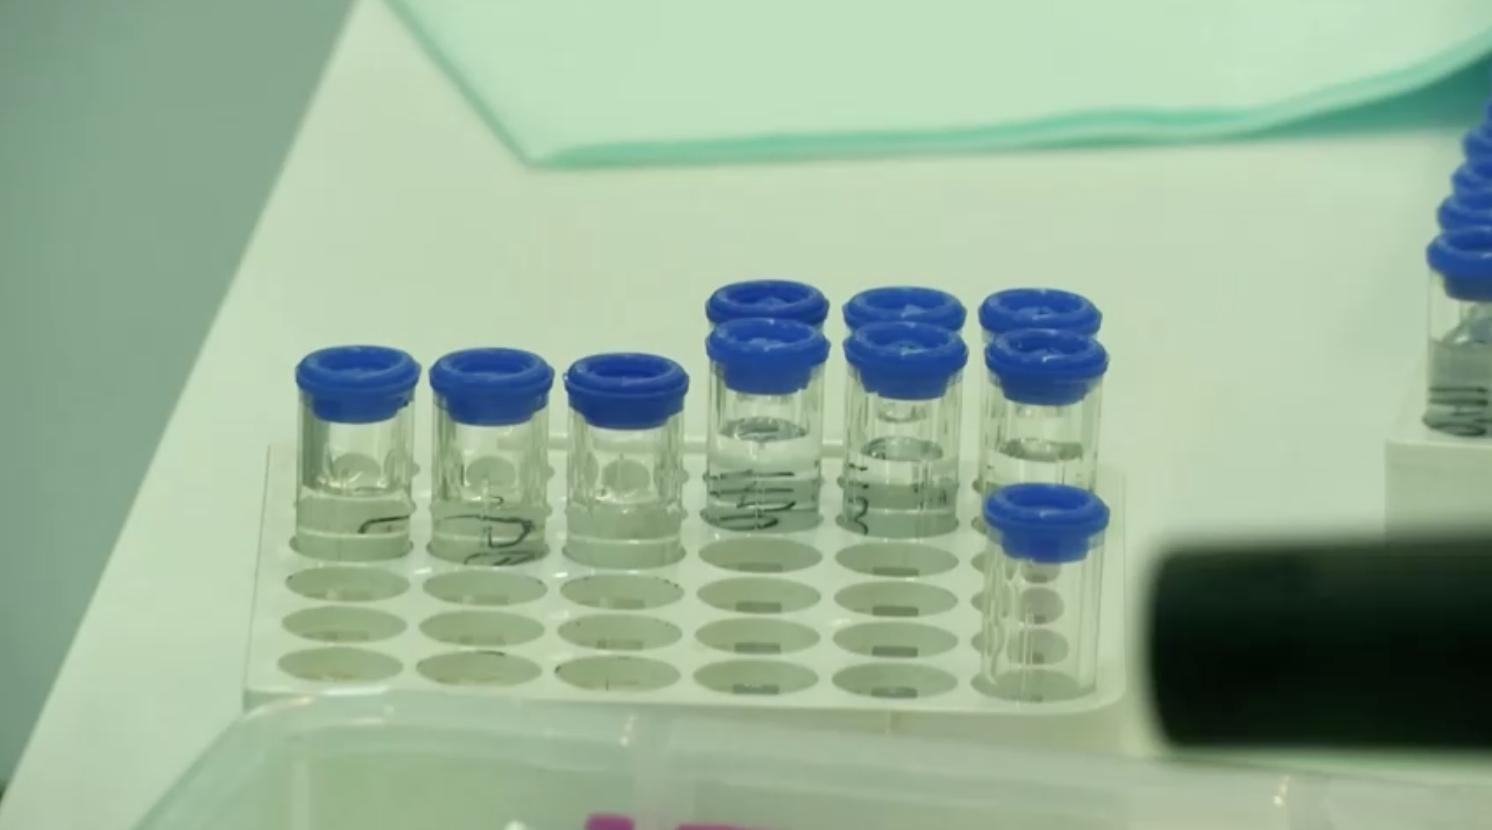 Viên chức y tế hàng đầu Hoa Kỳcho biếtvaccine COVID-19 khó có thể được phê duyệt trước tháng 11/2020